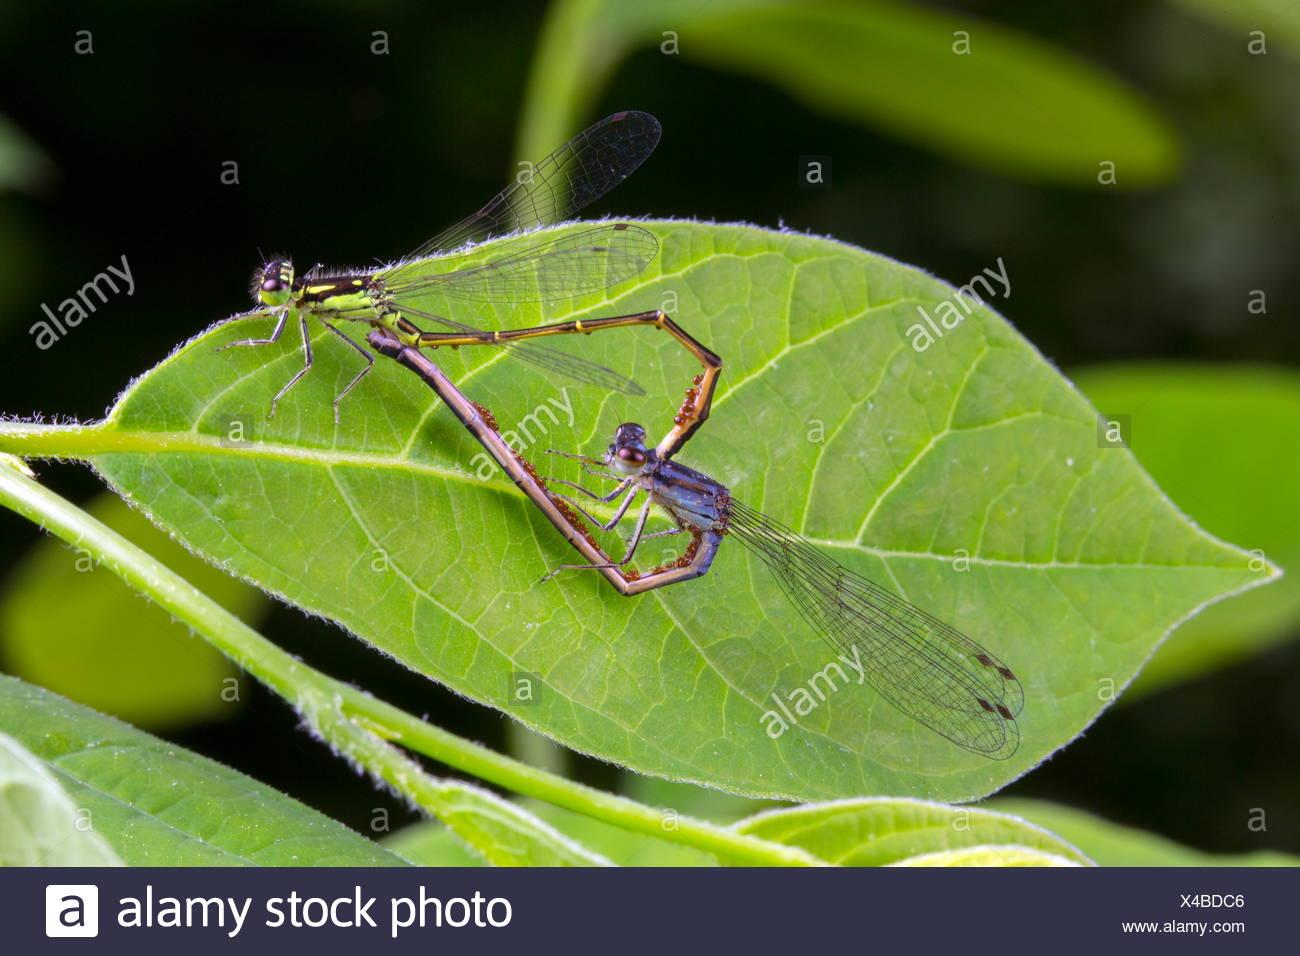 Una coniugata coppia di fragile forktail damselflies, Ishnura posita, con acqua di parassiti acari su di essi. Immagini Stock